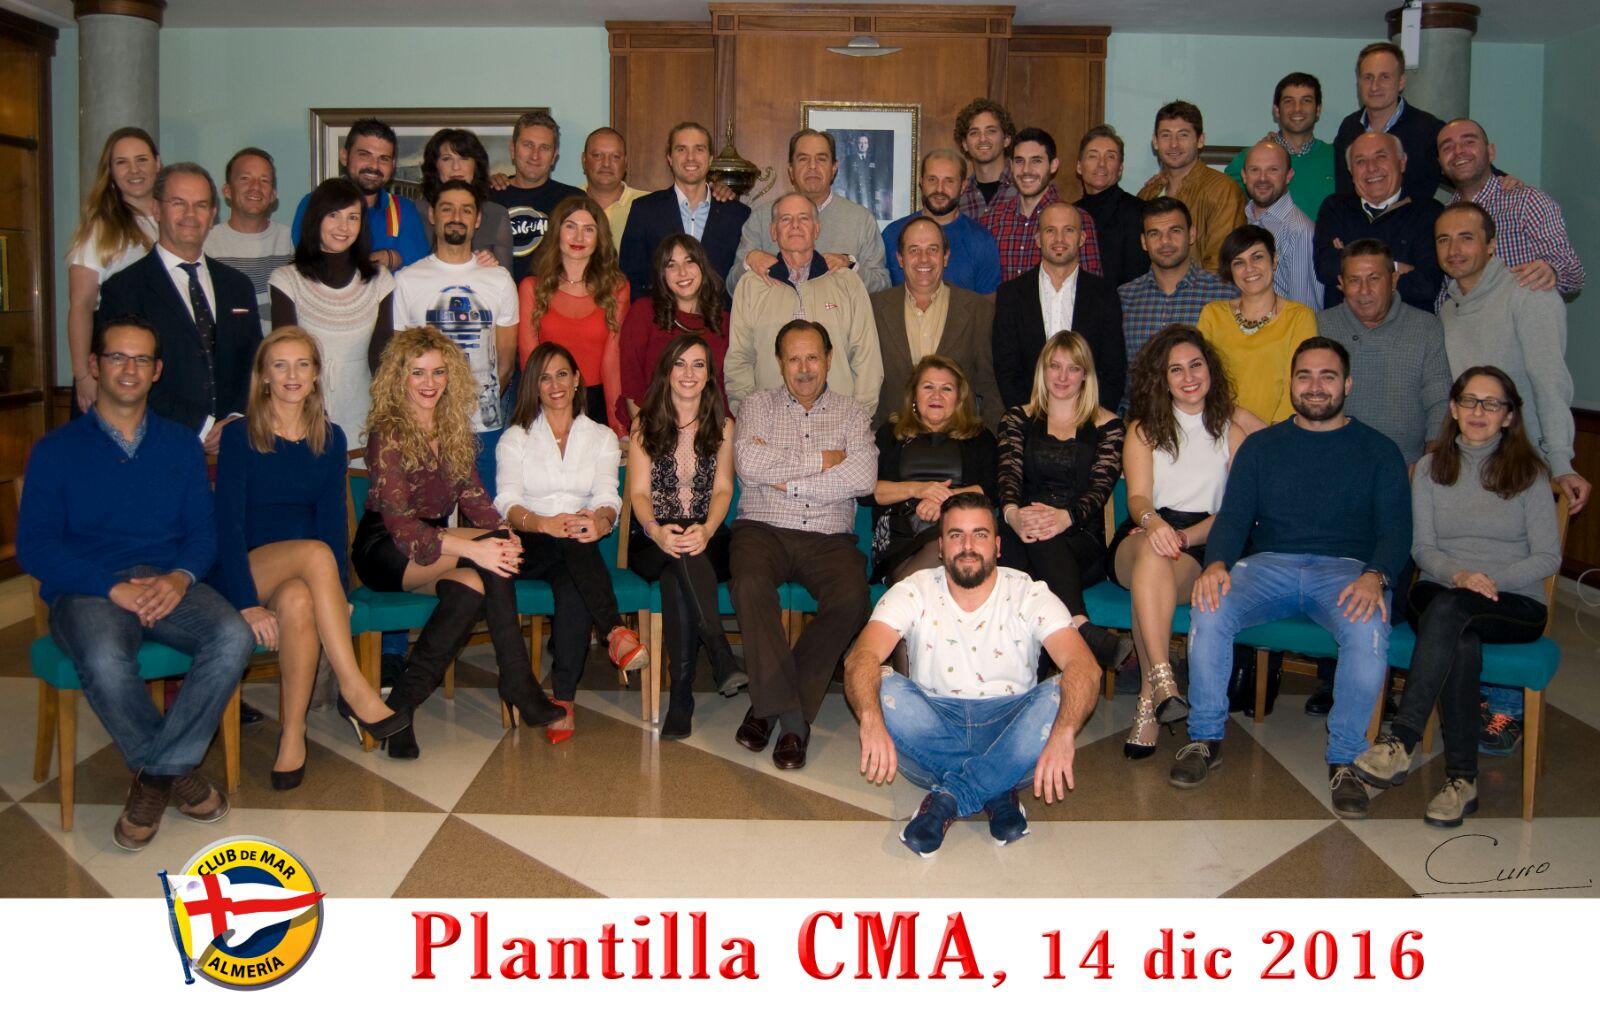 Plantilla CMA 2016